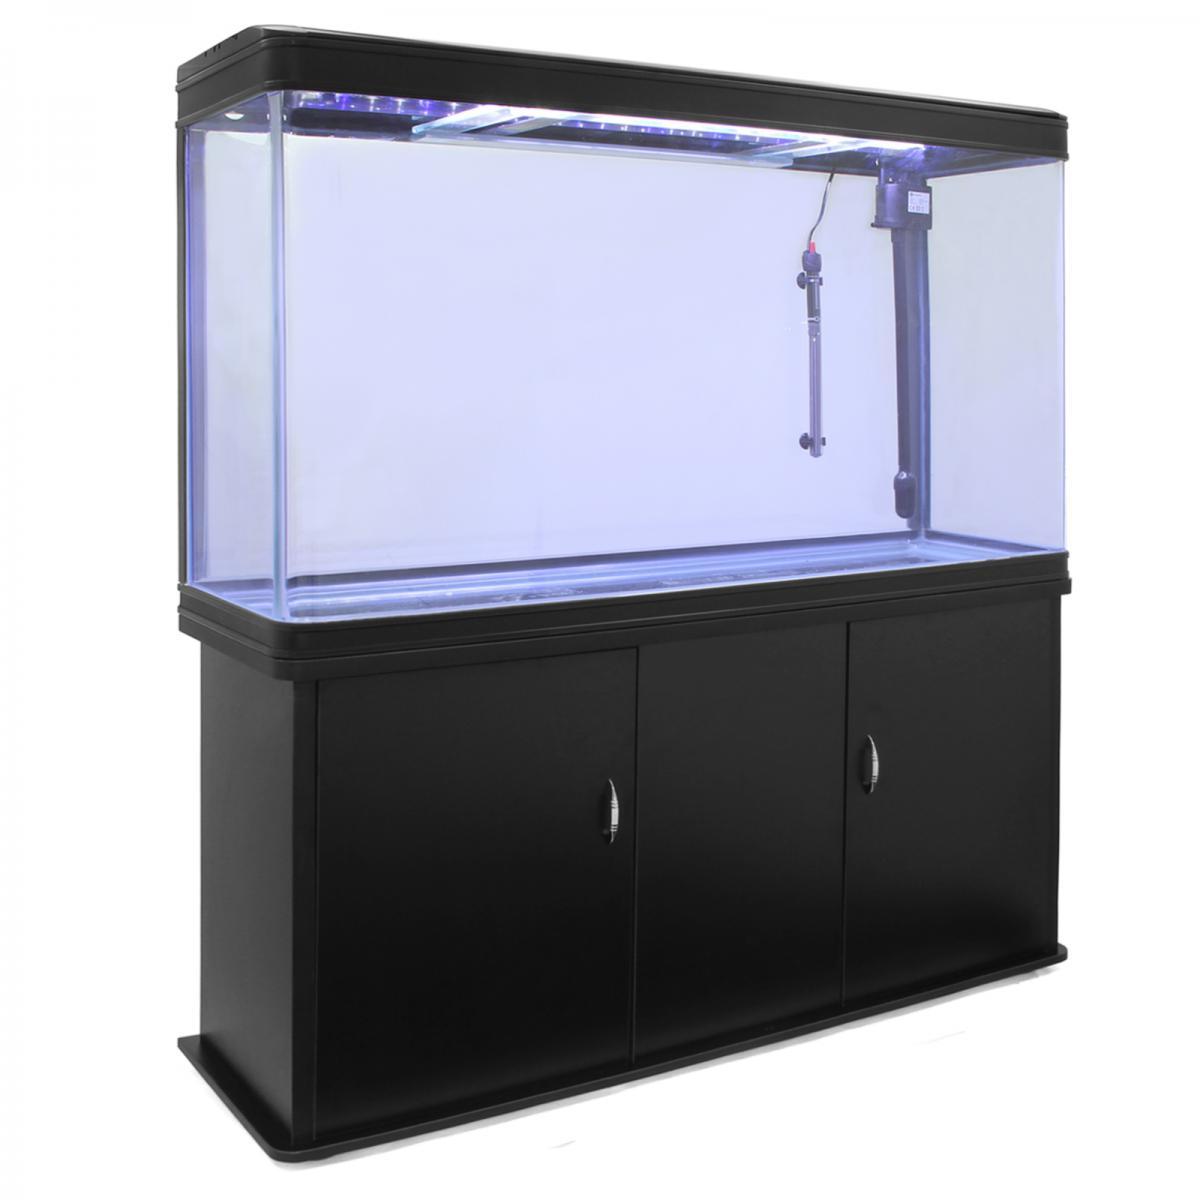 Monstershop MonsterShop ? Aquarium à bords Noir de 300 Litres, Meuble de Support NOIR, d?une dimension totale de 143,5 cm de Haut x